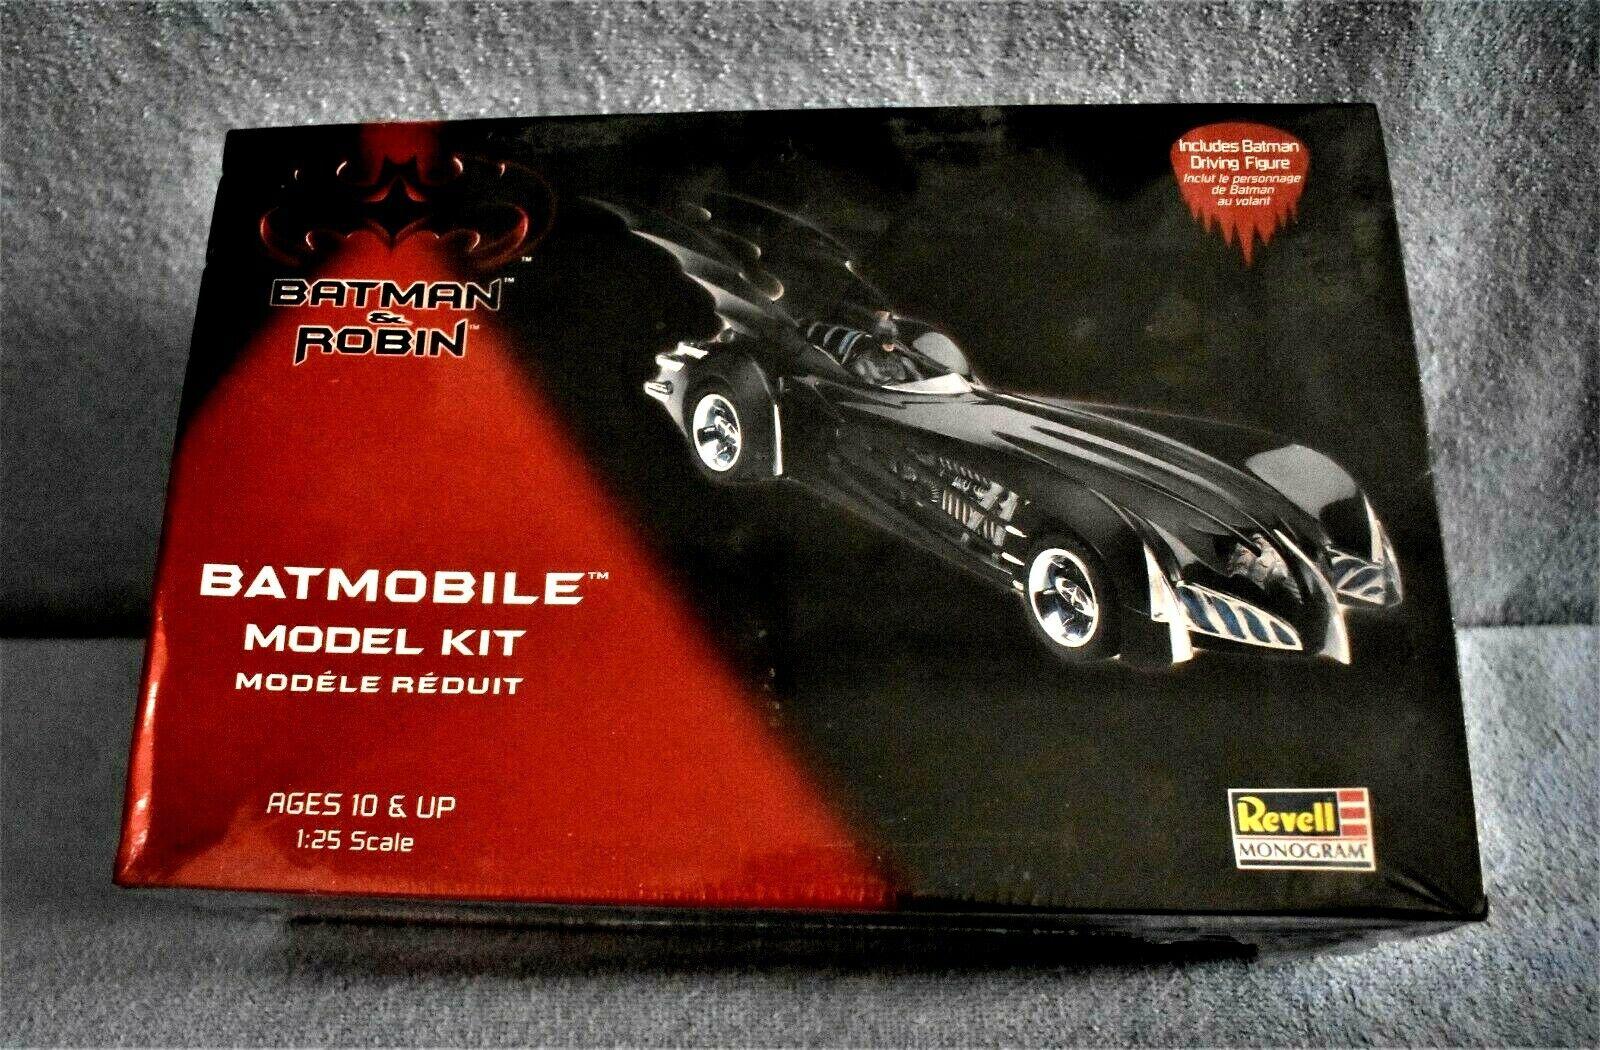 1997 Revell Model Kit 85-6724 Batmobile W Batman Driving for sale online